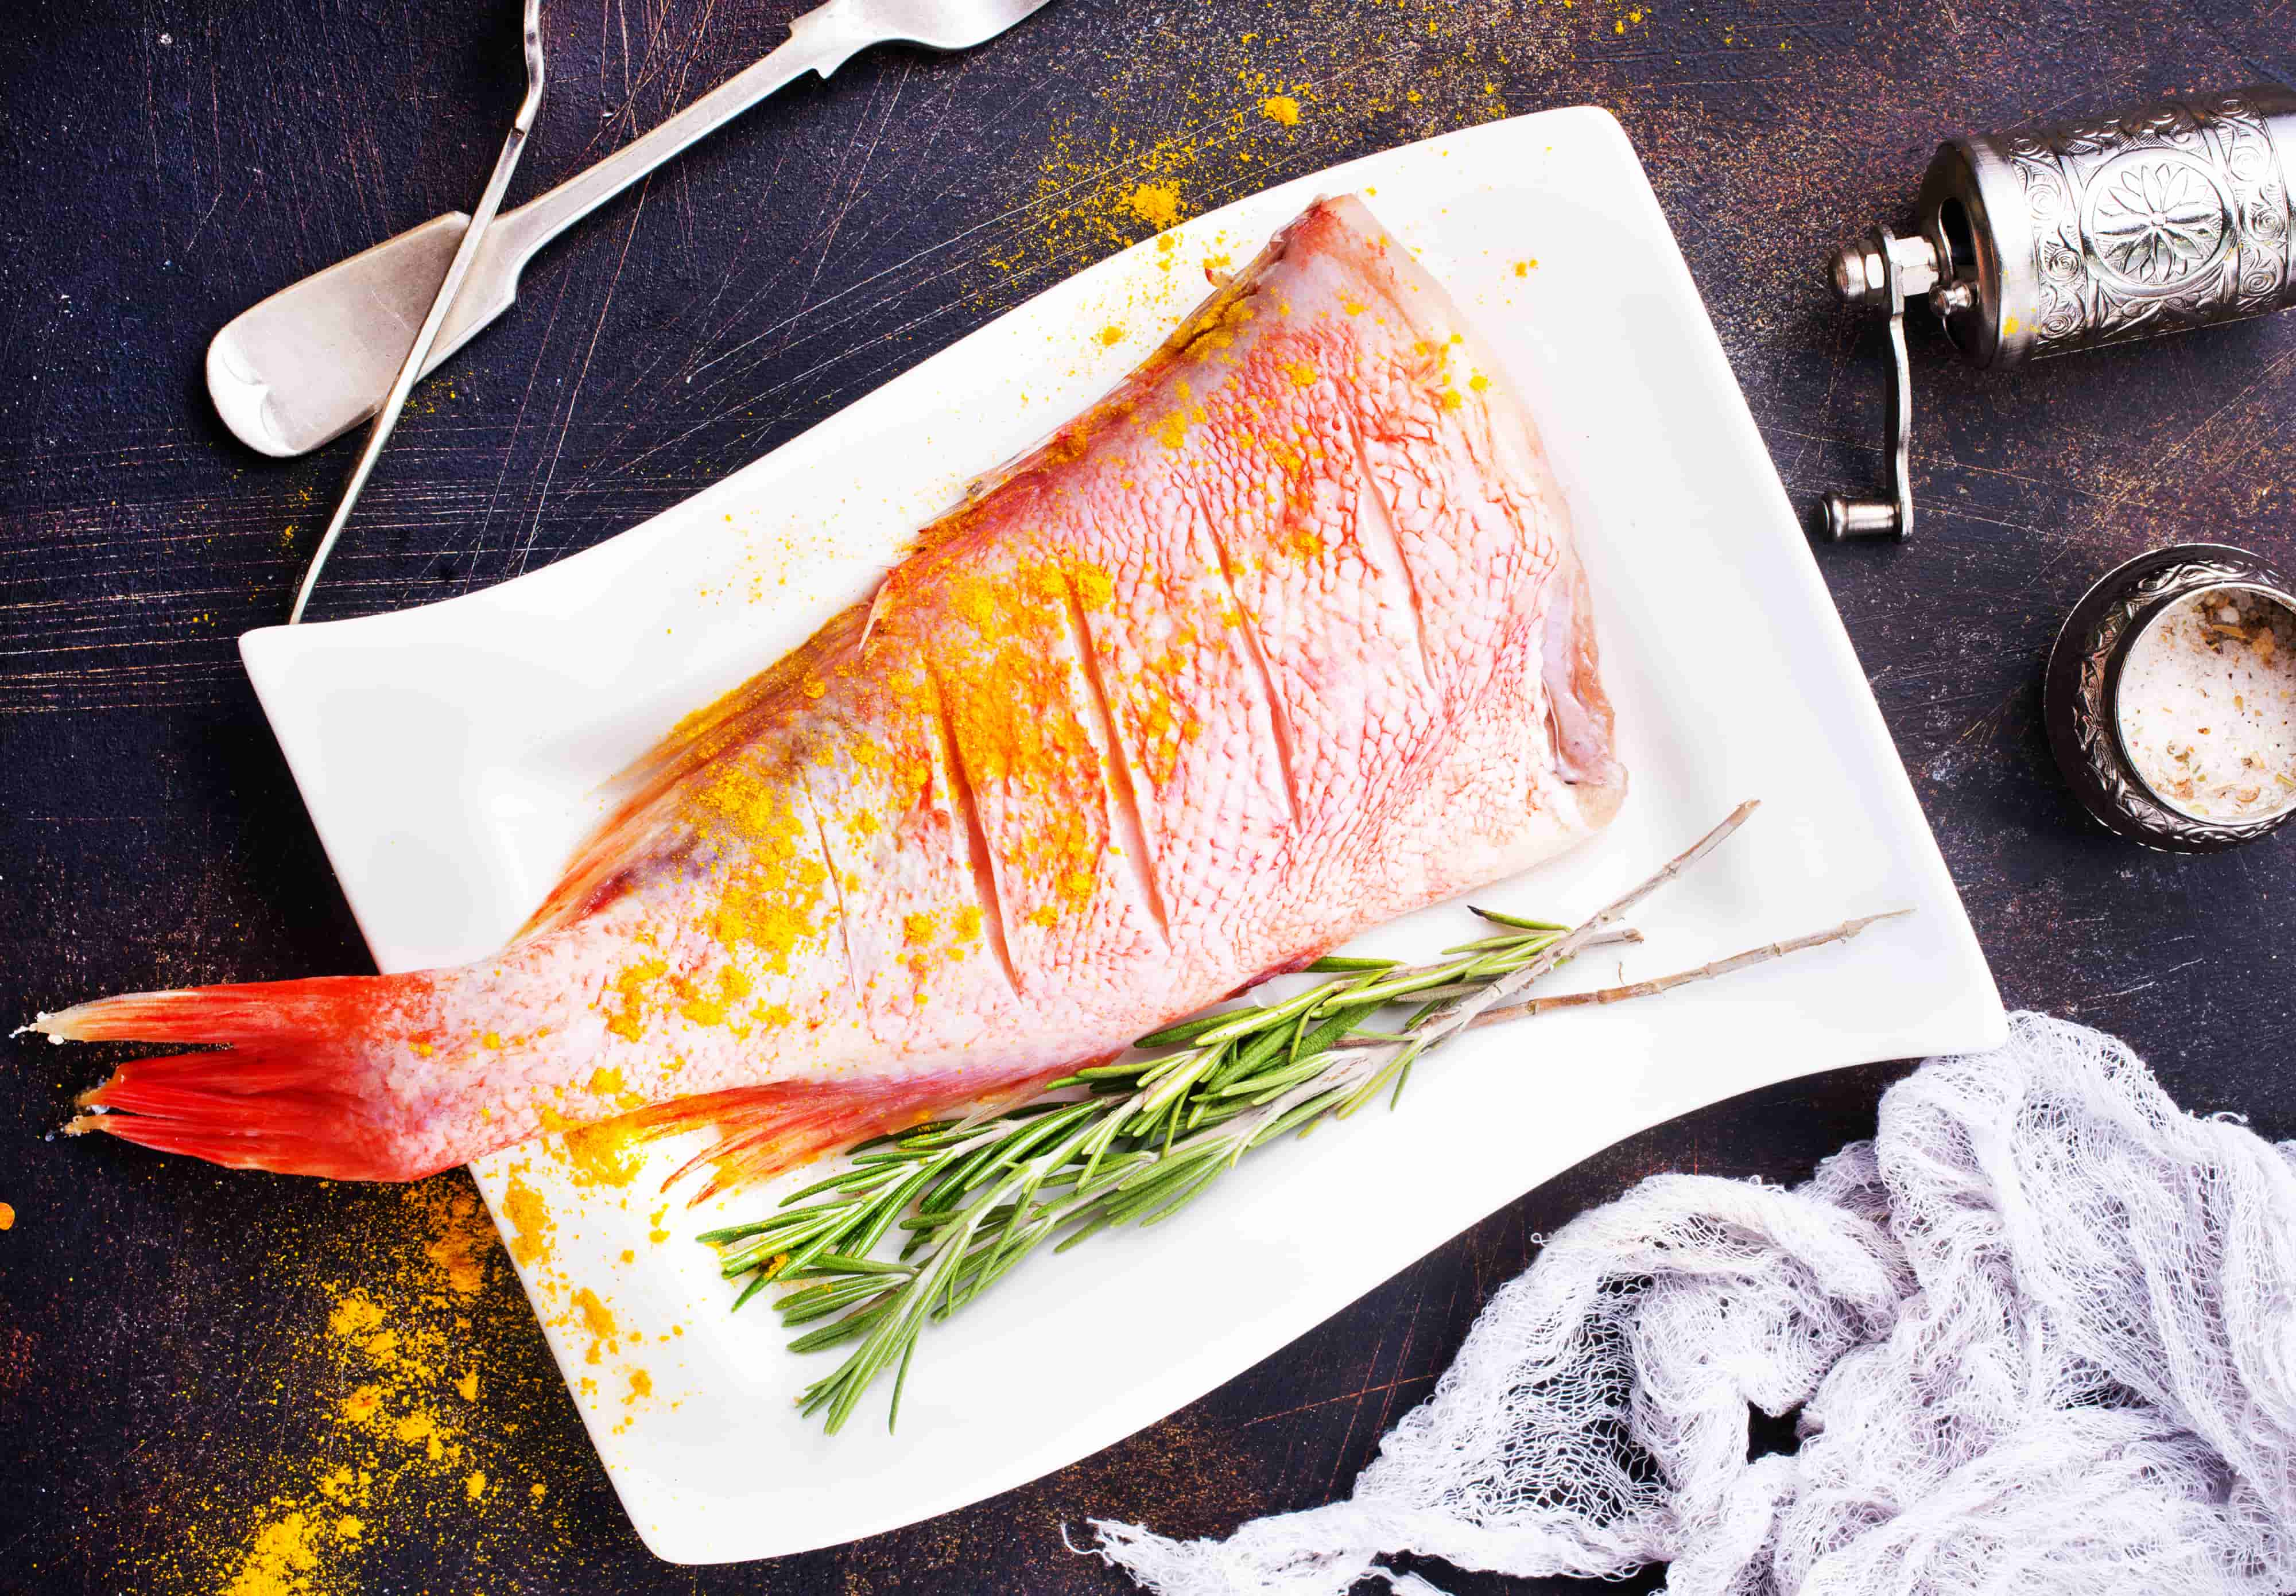 Рецепты приготовления красного окуня пошагово с фото